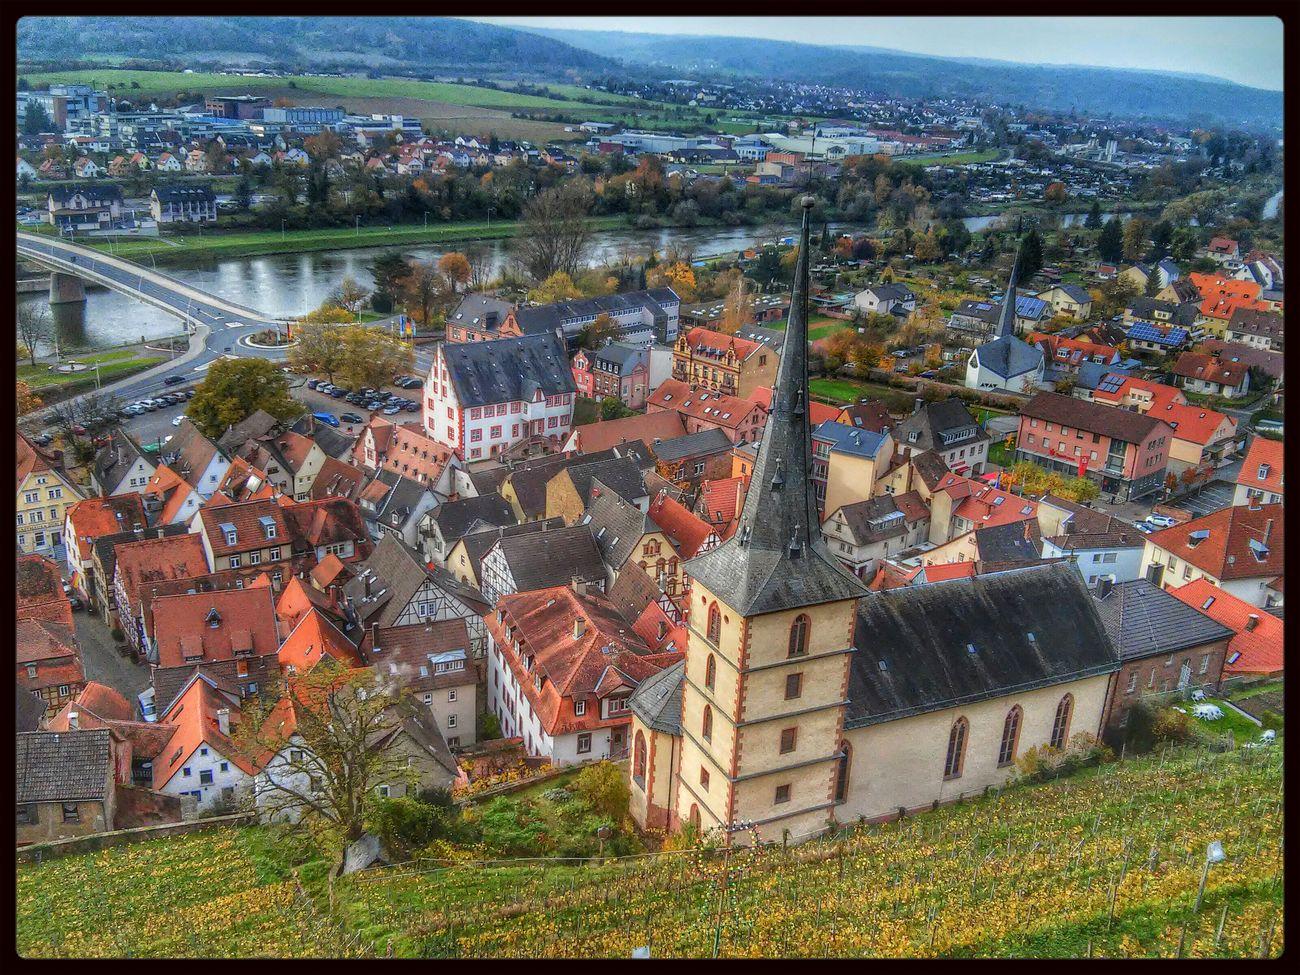 Autumn Colors in Klingenberg um den Herbst In Seinen Schönsten Farben zu genießen. Wineyard